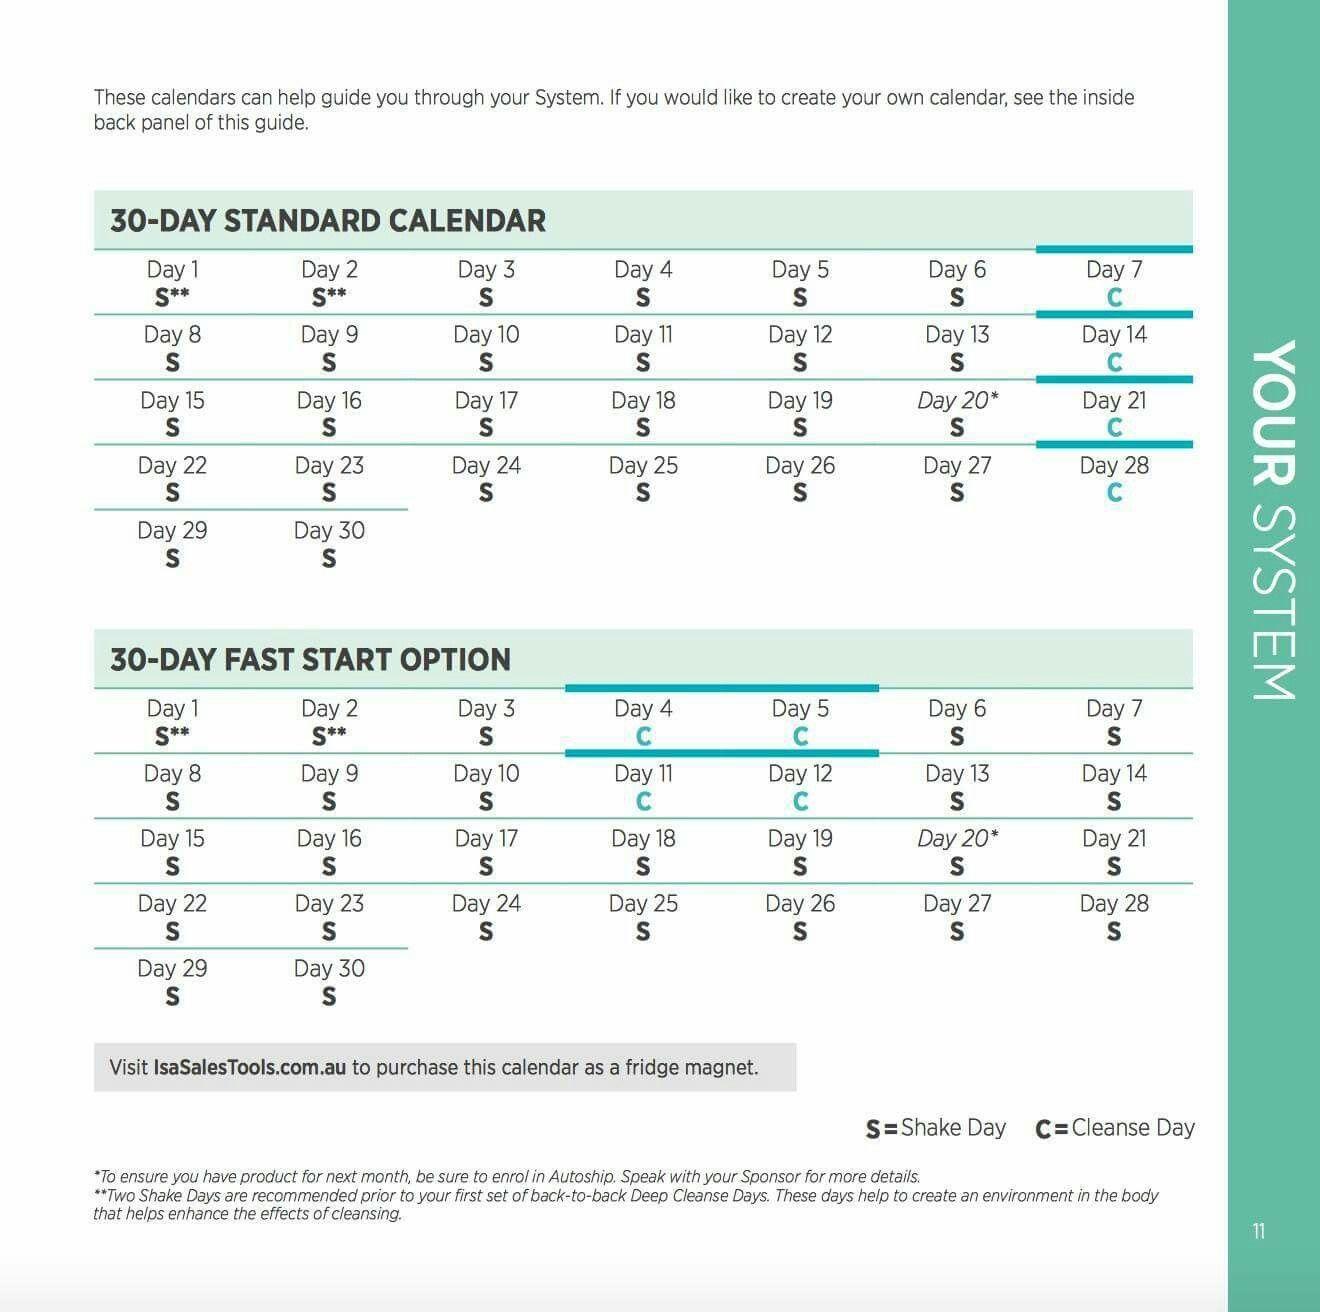 30 Day Calendar | Isagenix, Create Your Own Calendar In Isagenix Shake Day Schedule Printable